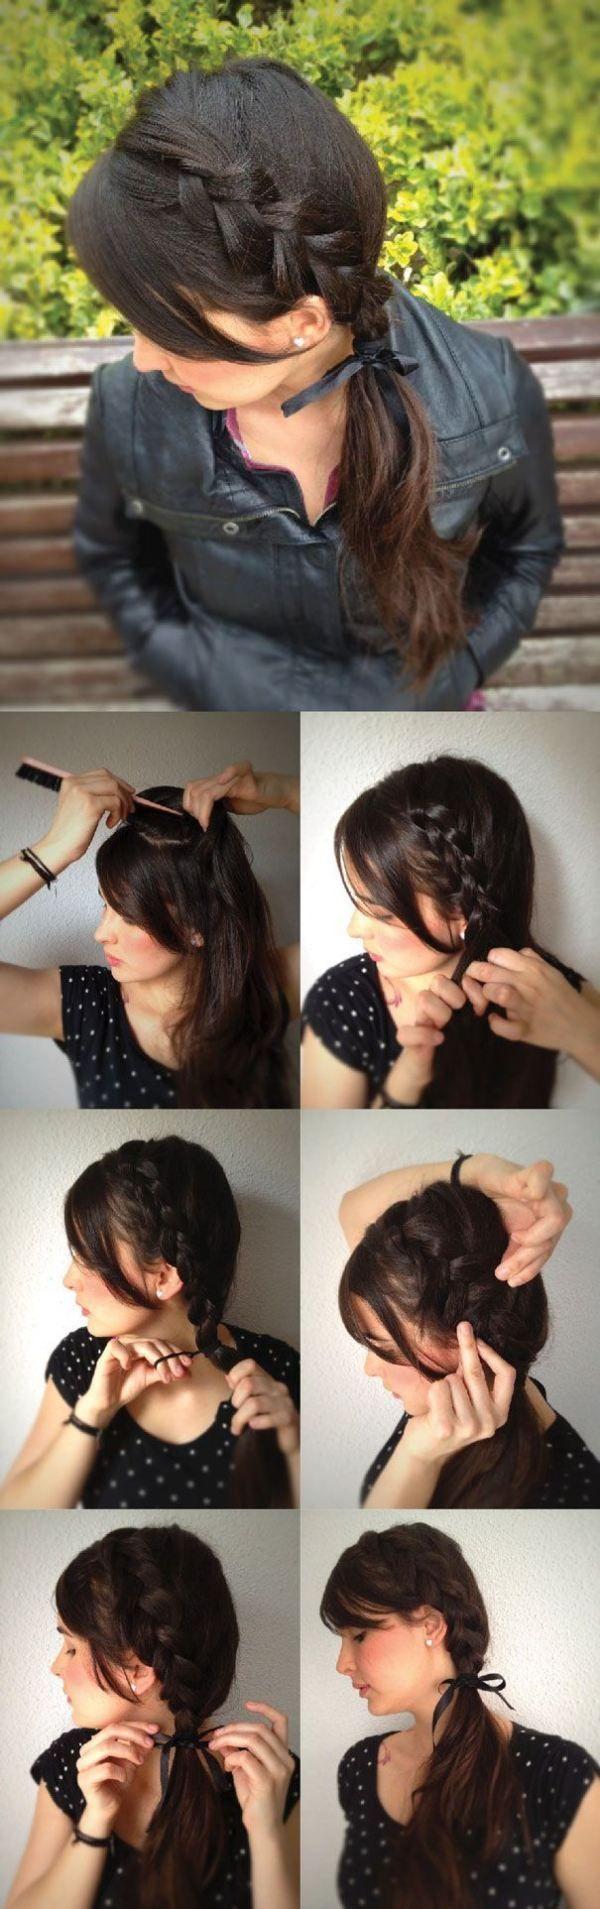 How to Make a Boho Braid- Boho Braided Hair Tutorials You Must Love